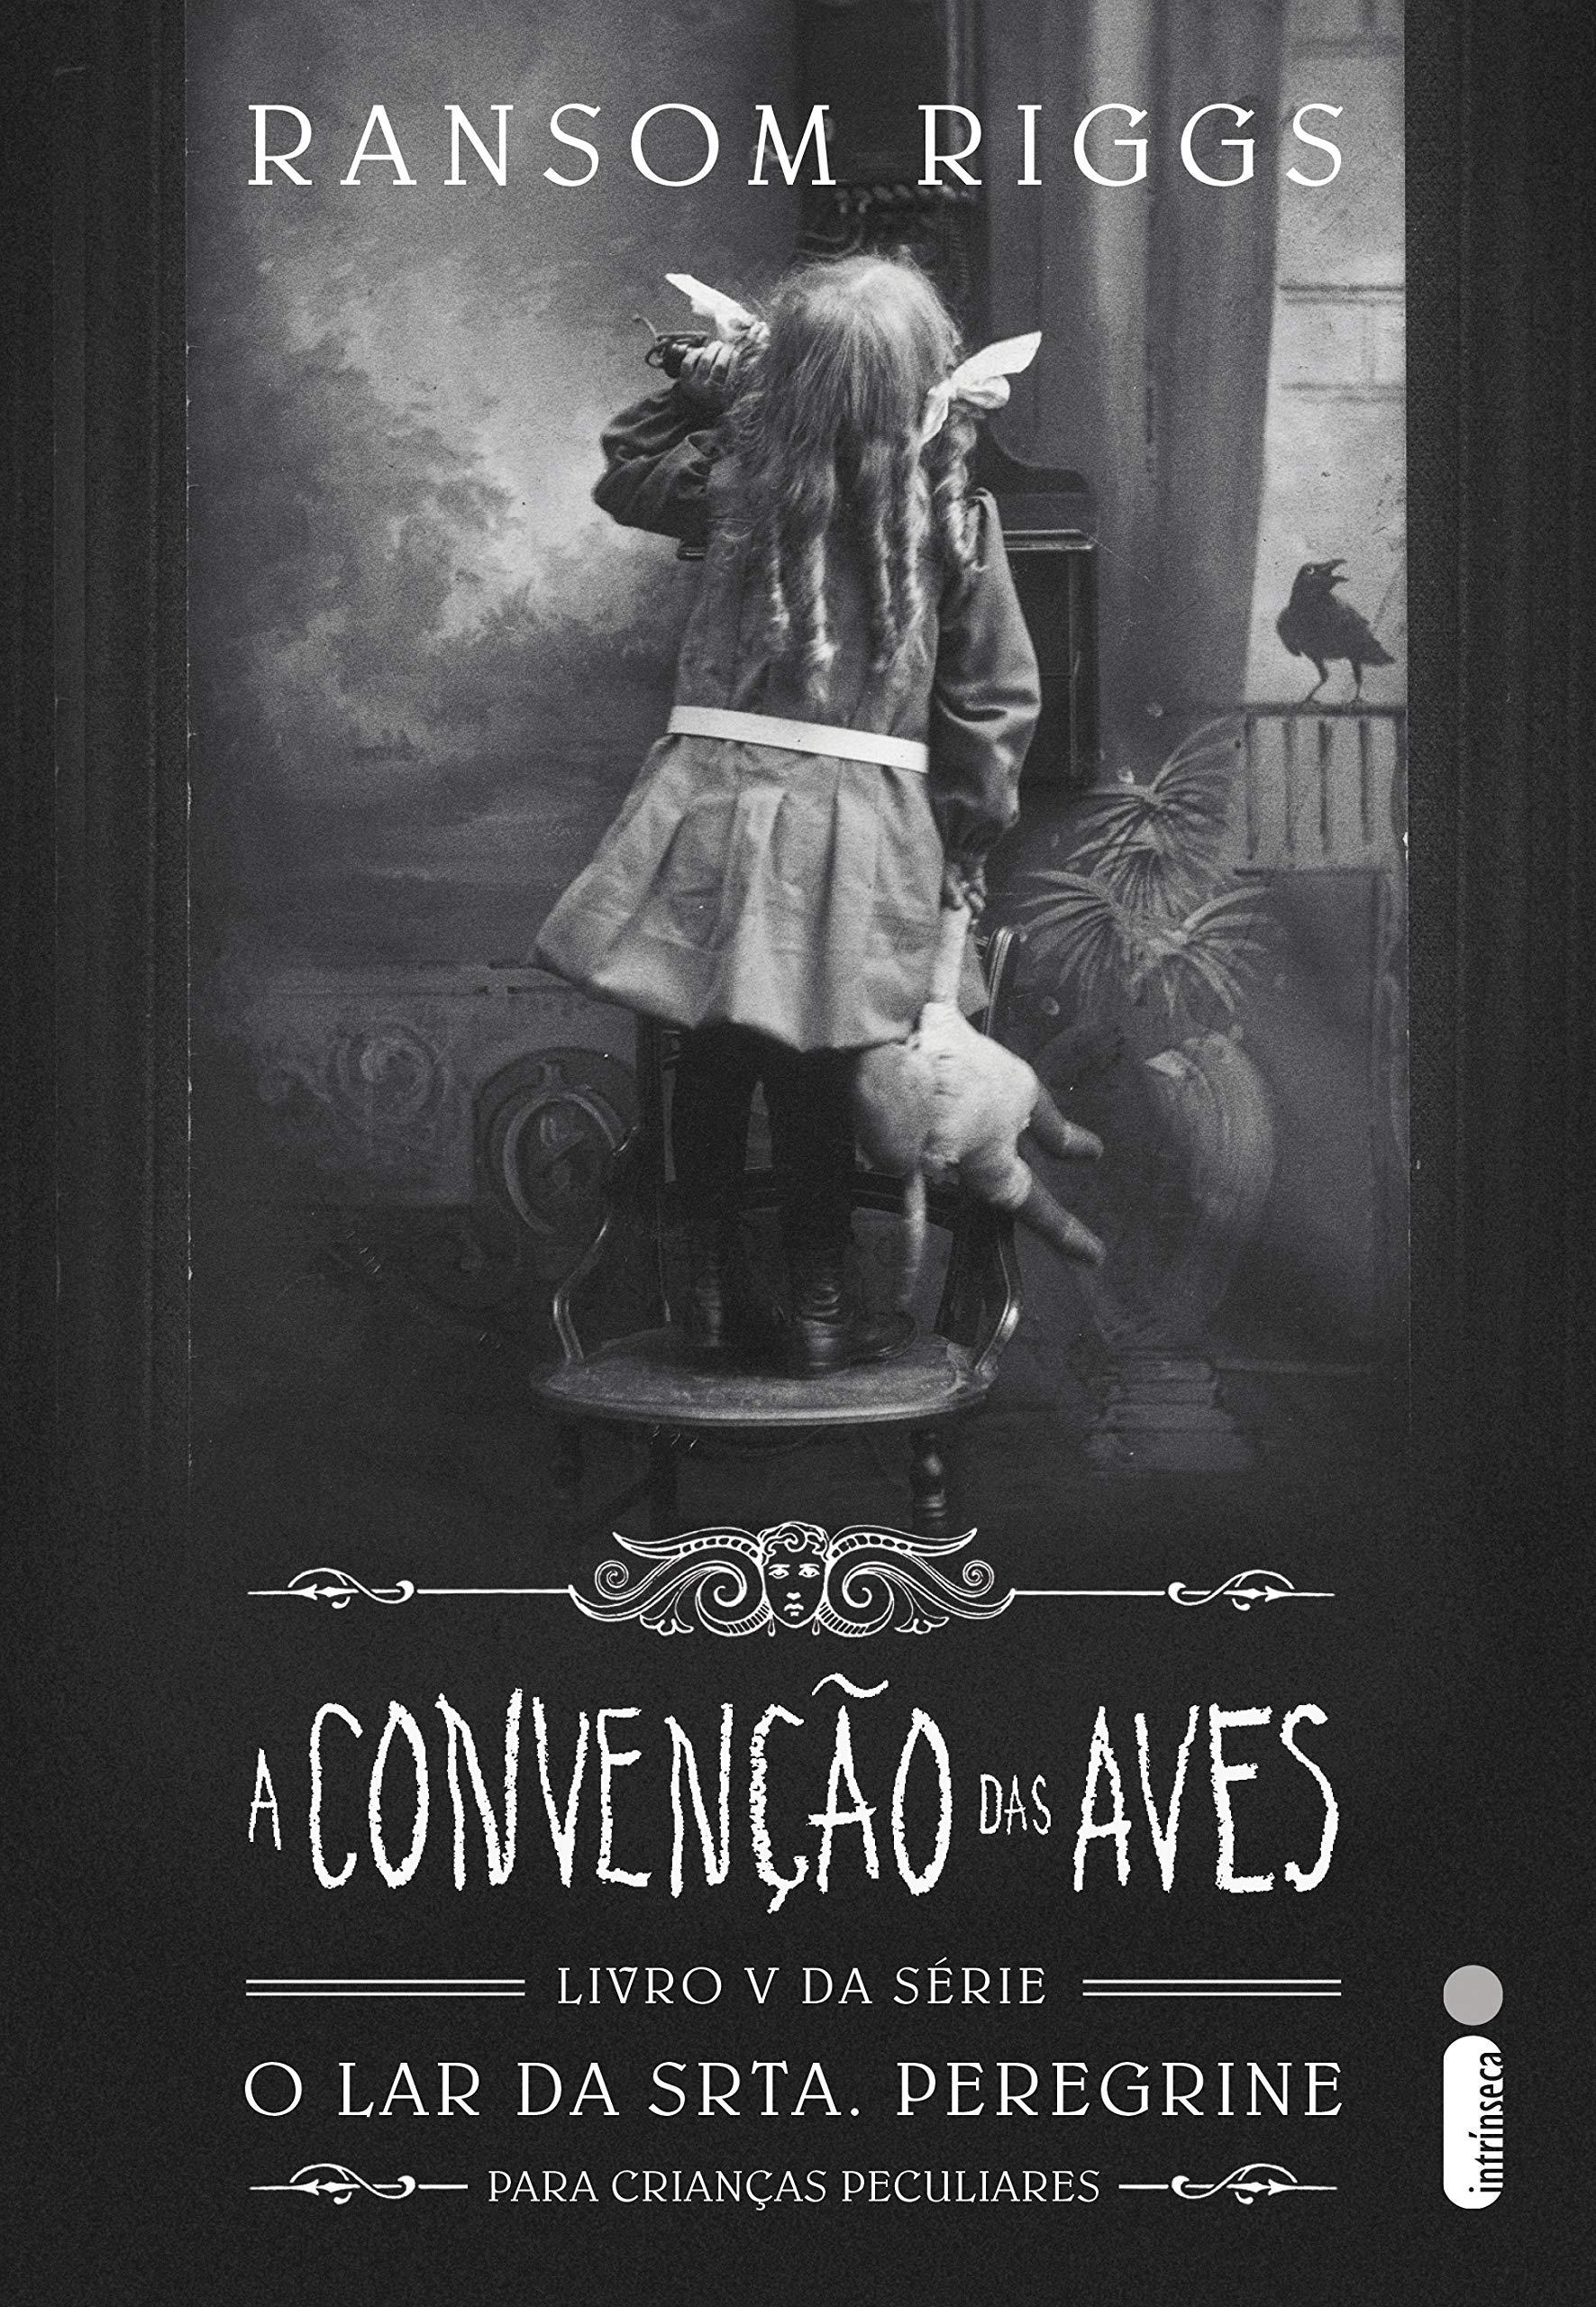 A convenção das aves – Crianças Peculiares – Literatura